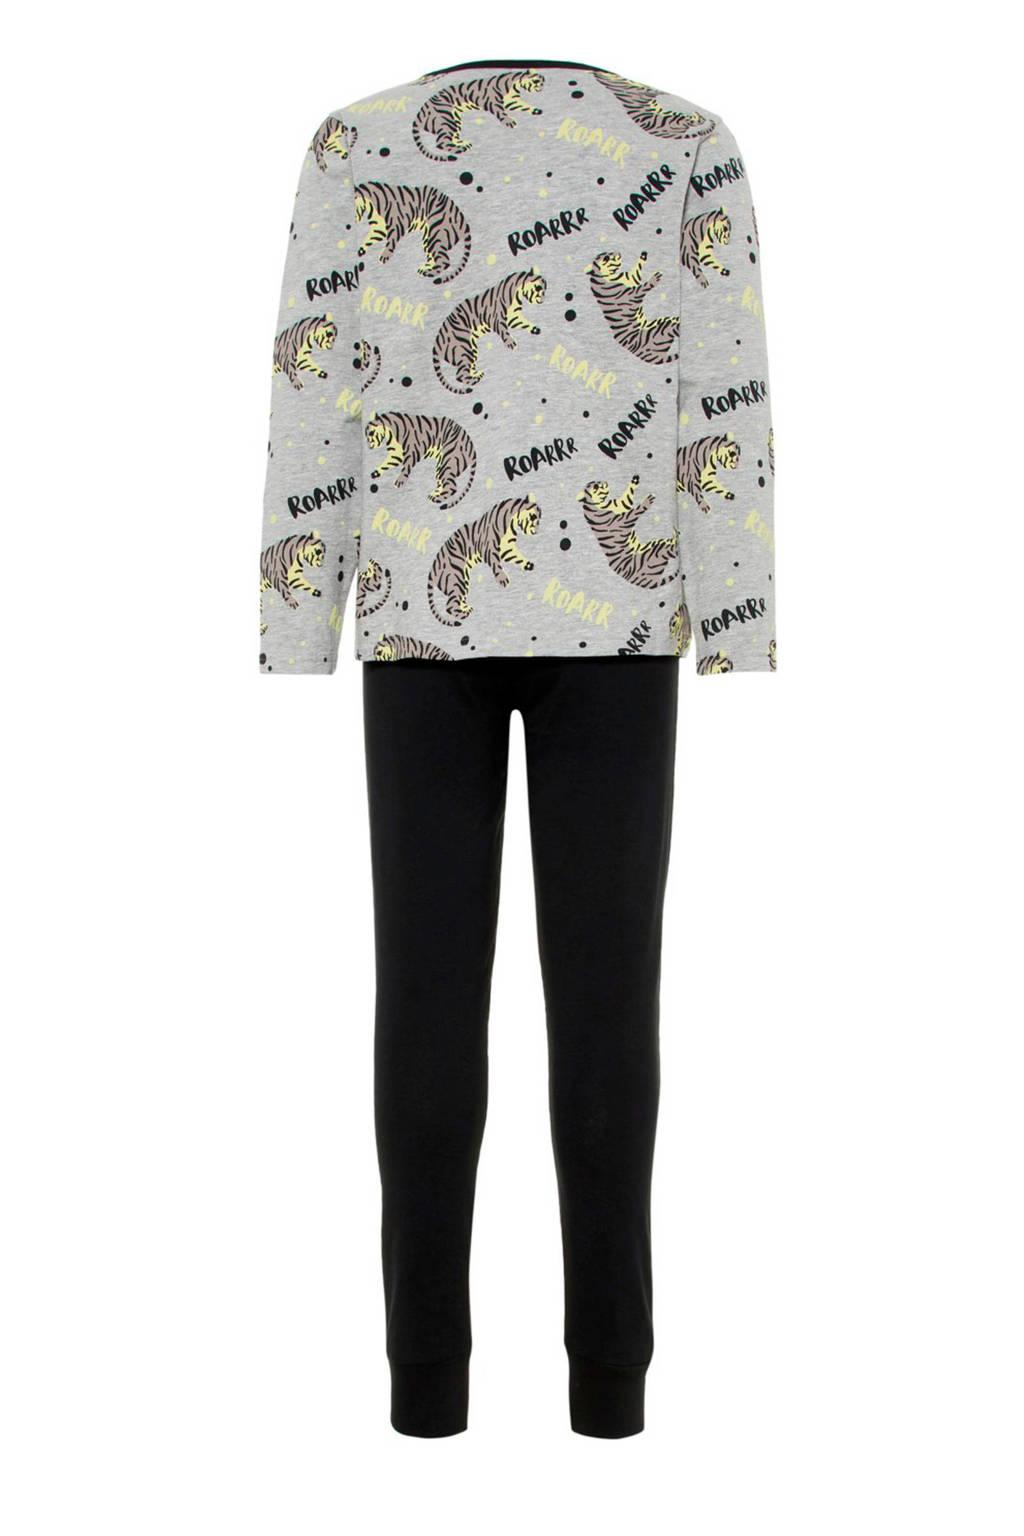 NAME IT KIDS   pyjama zwart/grijs, Grijs melange/ zwart/ lichtgeel